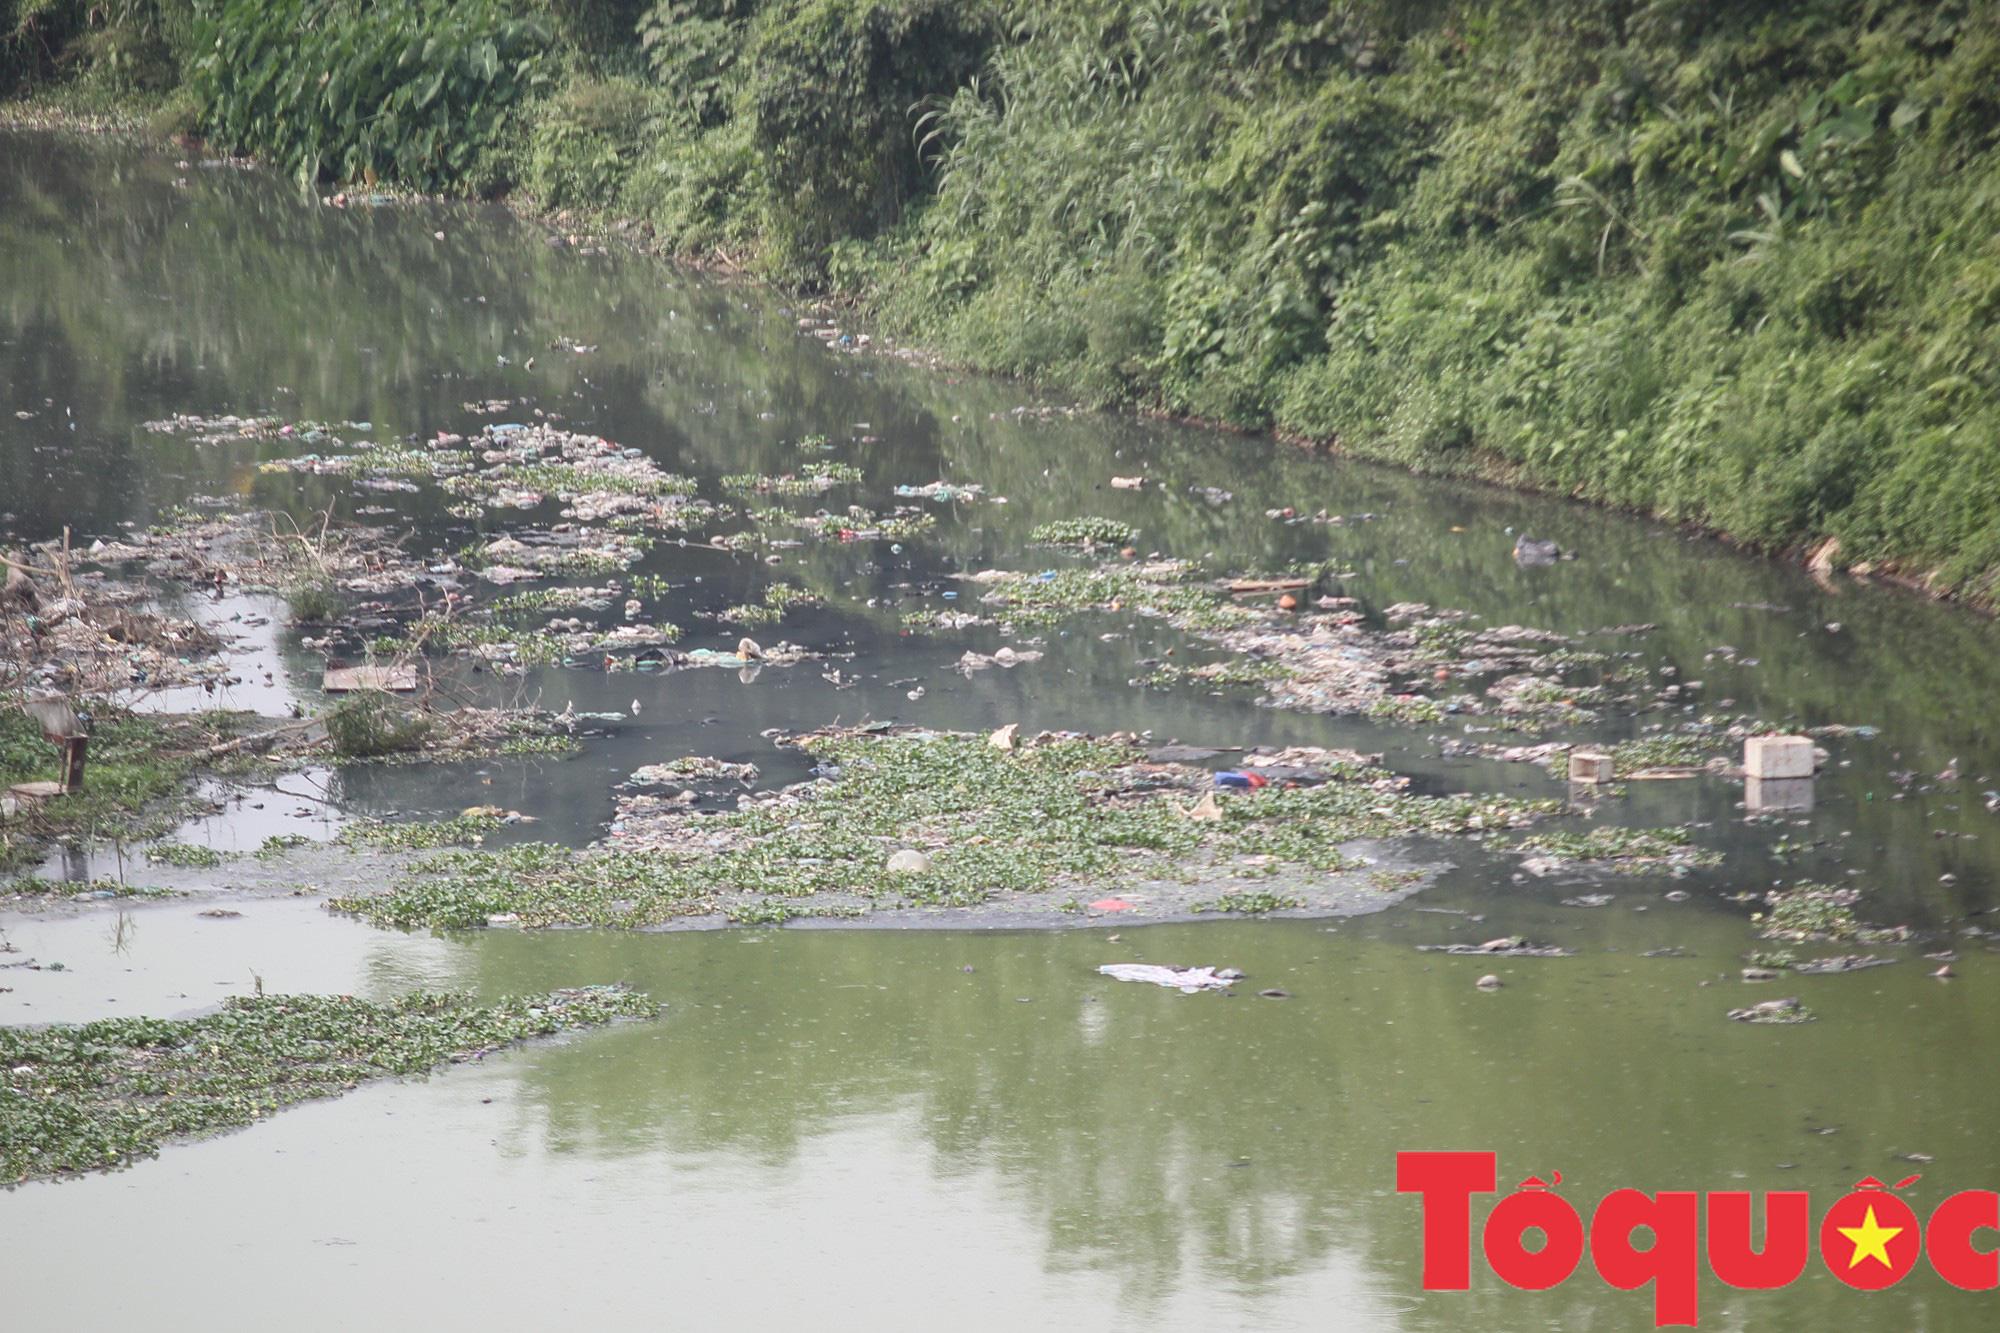 Kỳ 1 - Ô nhiễm môi trường: Con sông, tuyến đường ngập rác - Ảnh 4.